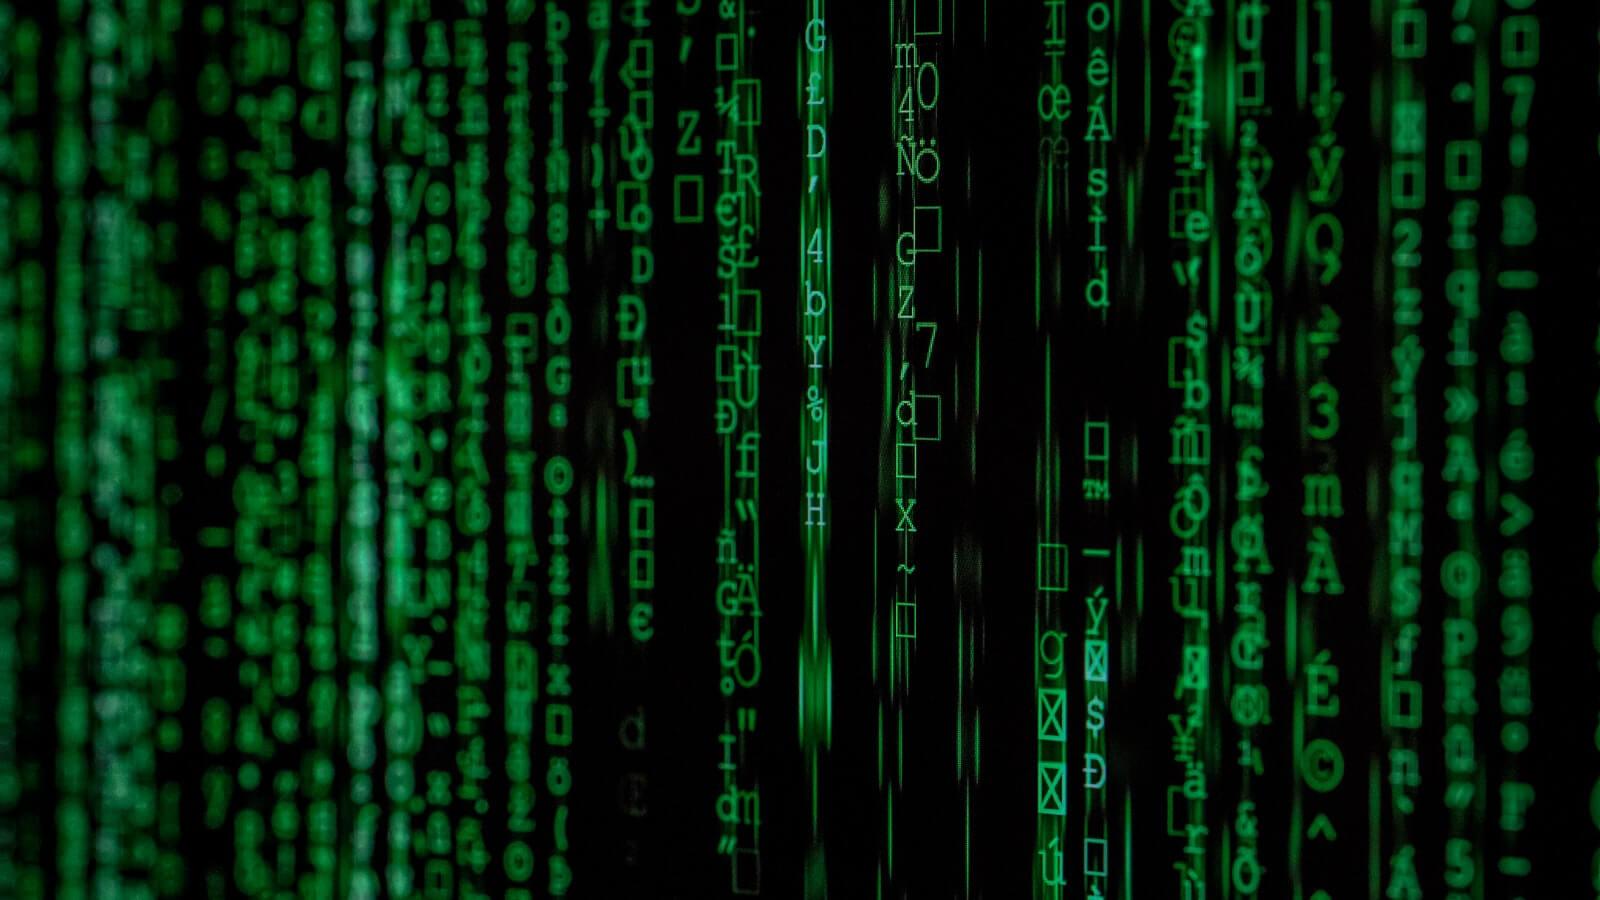 Yazılım Mühendisliği Lisans Programı 2019 Başarı Sıralamaları Burada!